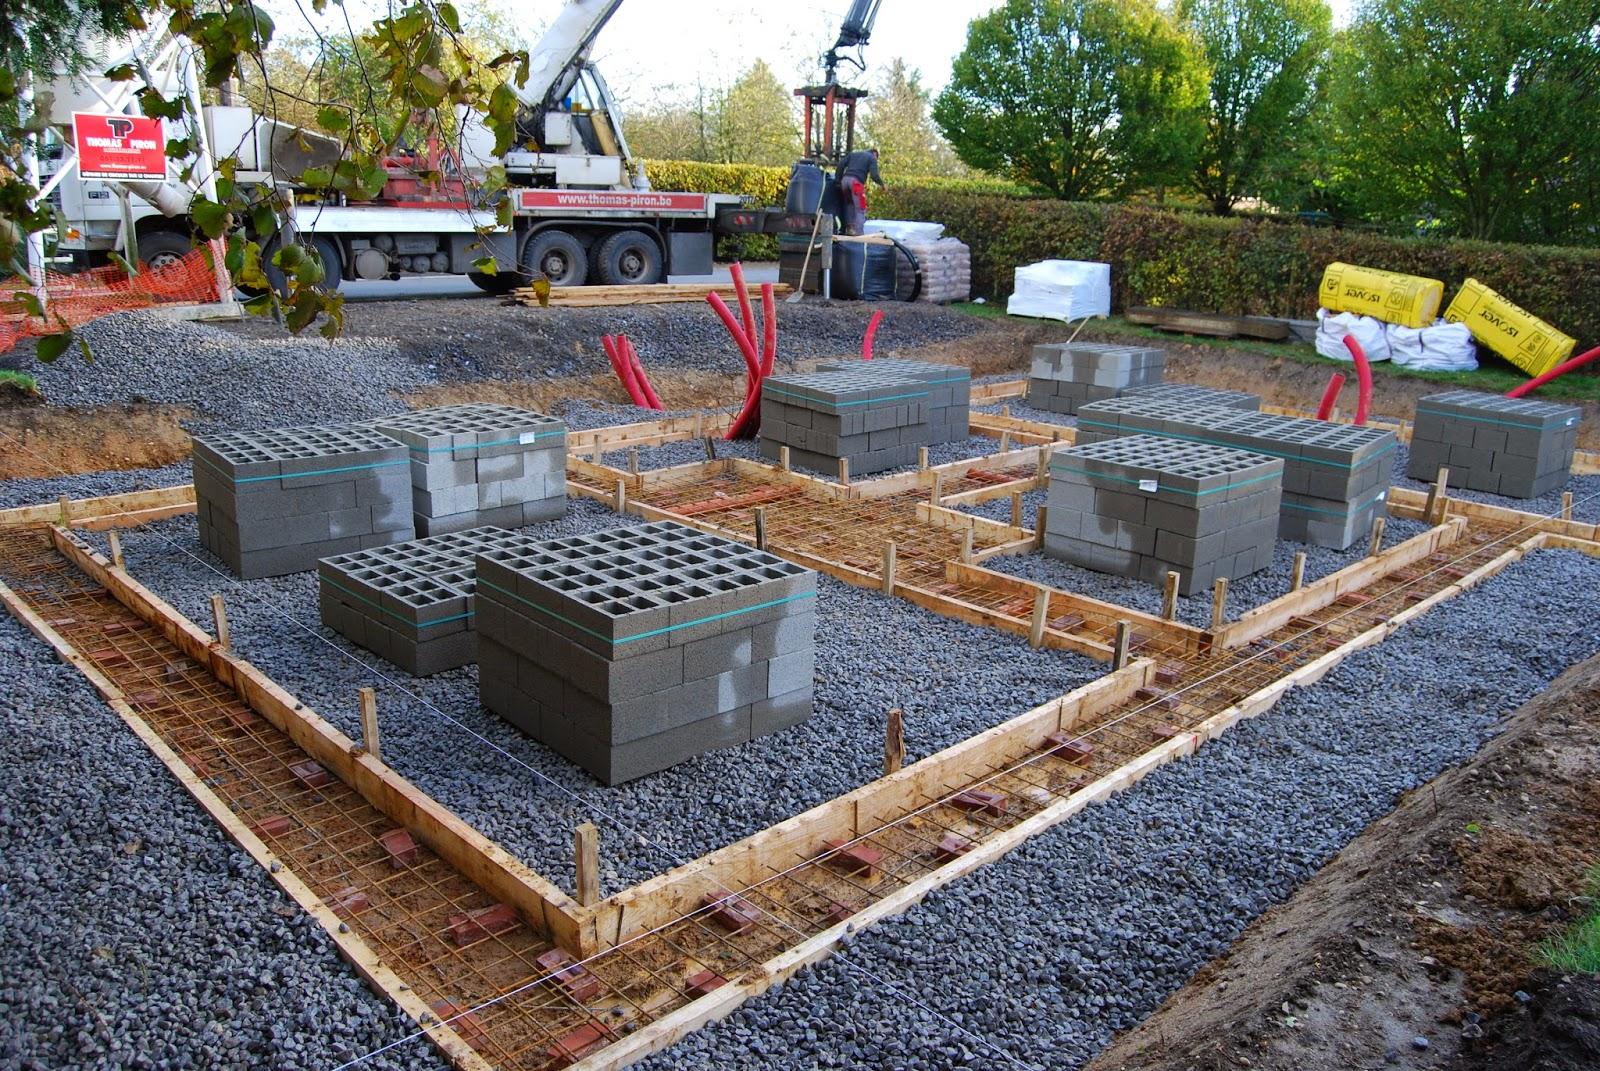 Cout d 39 une fondation b ton id es d co moderne - Choisir et realiser les fondations ...